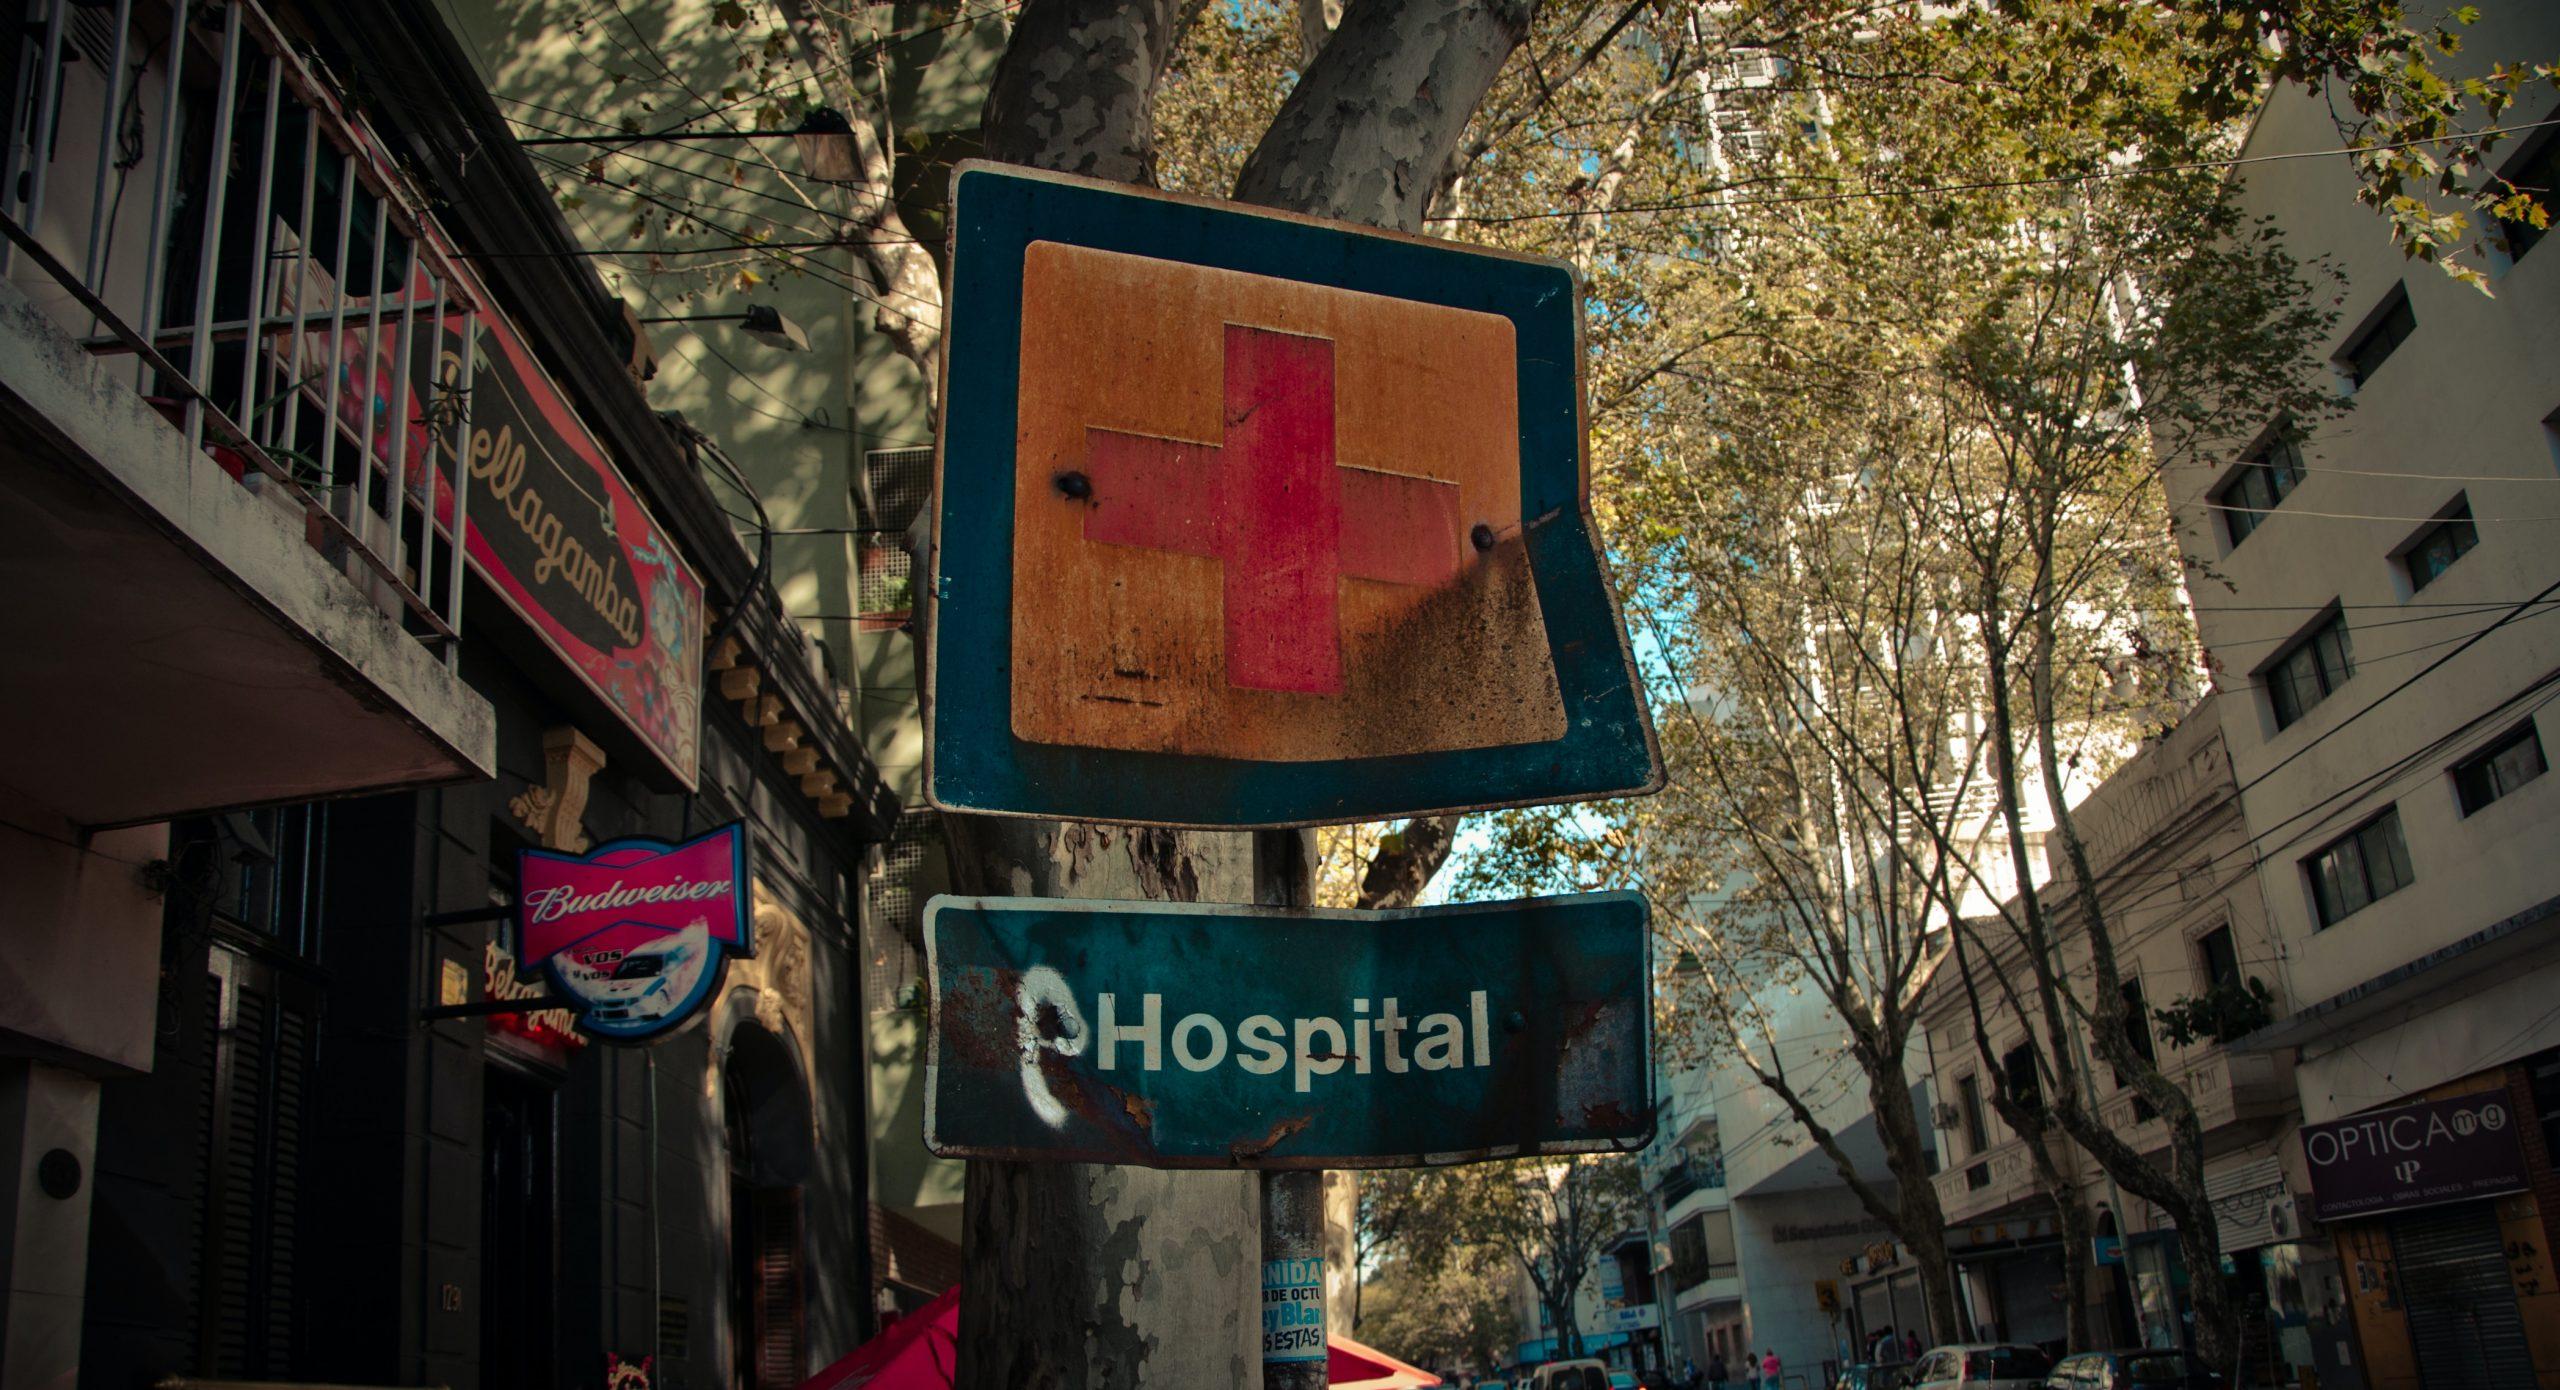 13 mitos de primeros auxilios que podrían lastimar a alguien (o peor) 1